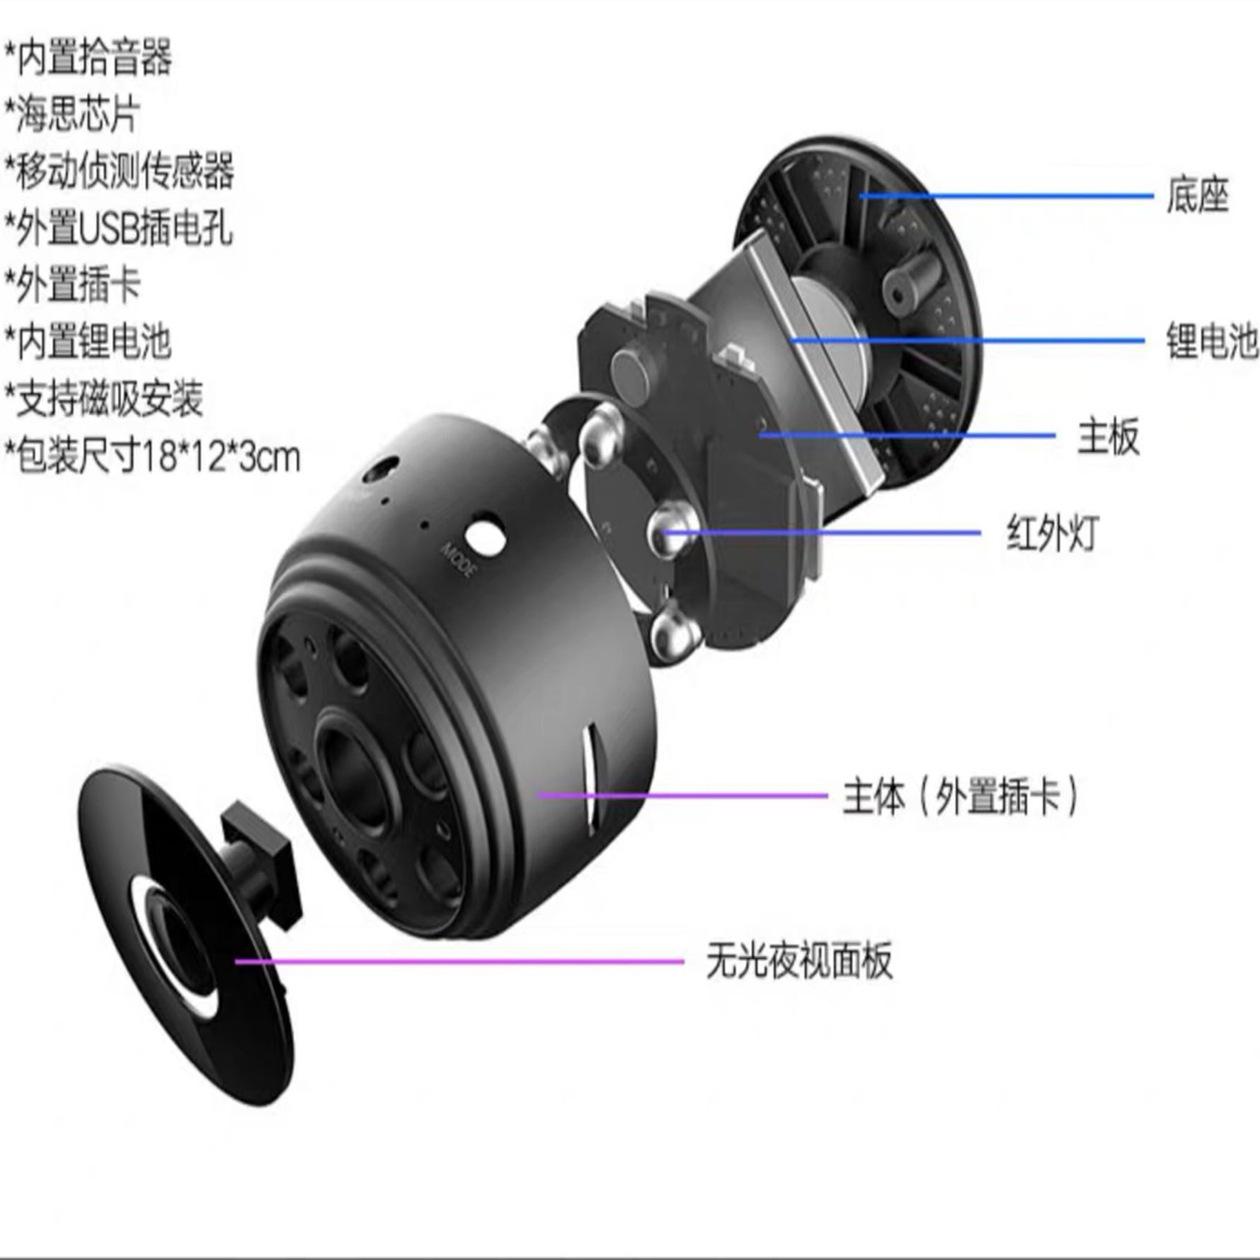 小型无线摄像头室内高清夜视可连手机远程家用网络wifi监控摄像机